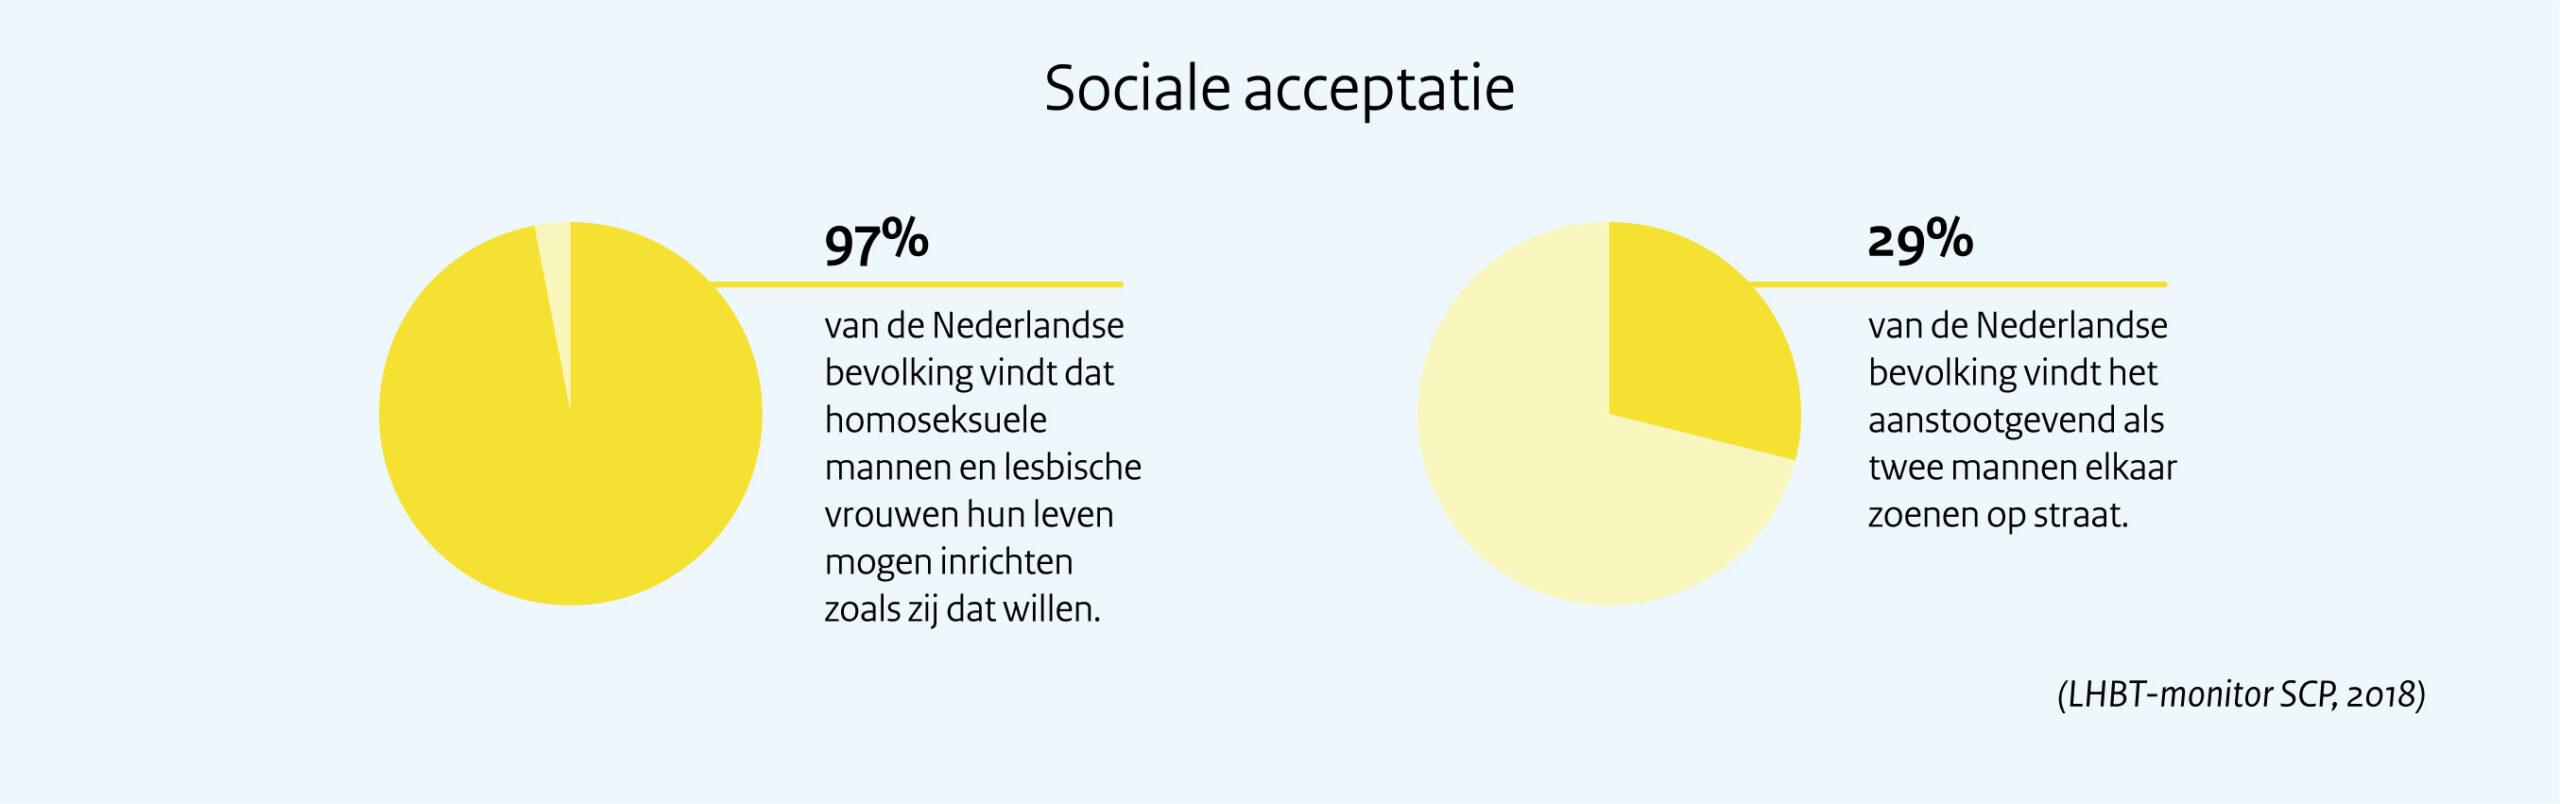 Sociale acceptatie. 97% van de Nederlandse bevolking vindt dat homoseksuele mannen en lesbische vrouwen hun leven mogen inrichten zoals zij dat willen. Daartegenover staat dat 29% van de Nederlandse bevolking het aanstootgevend vindt als twee mannen elkaar zoenen op straat.   Deze cijfers komen uit de LHBT-monitor die het SCP in 2018 publiceerde.